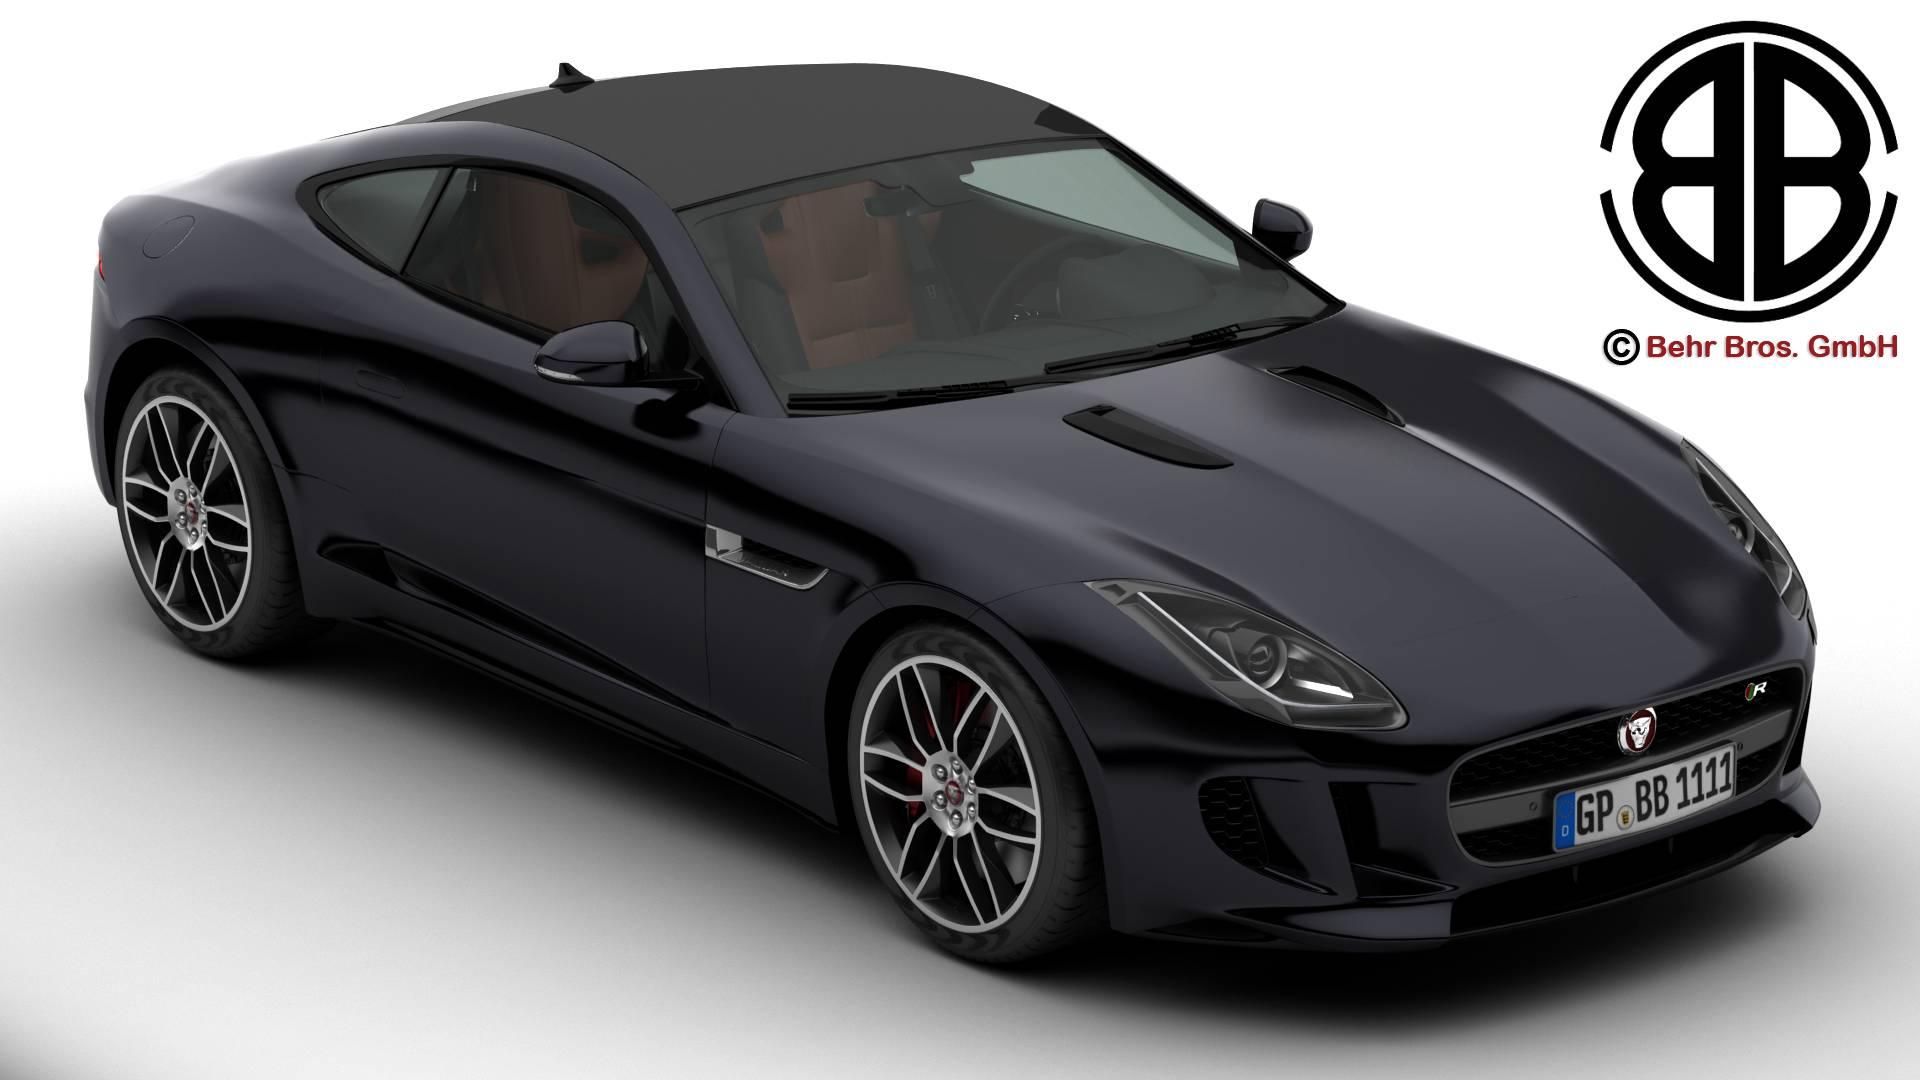 jaguar f төрөл r coupe 2015 3d загвар 3ds max fbx c4d 212066